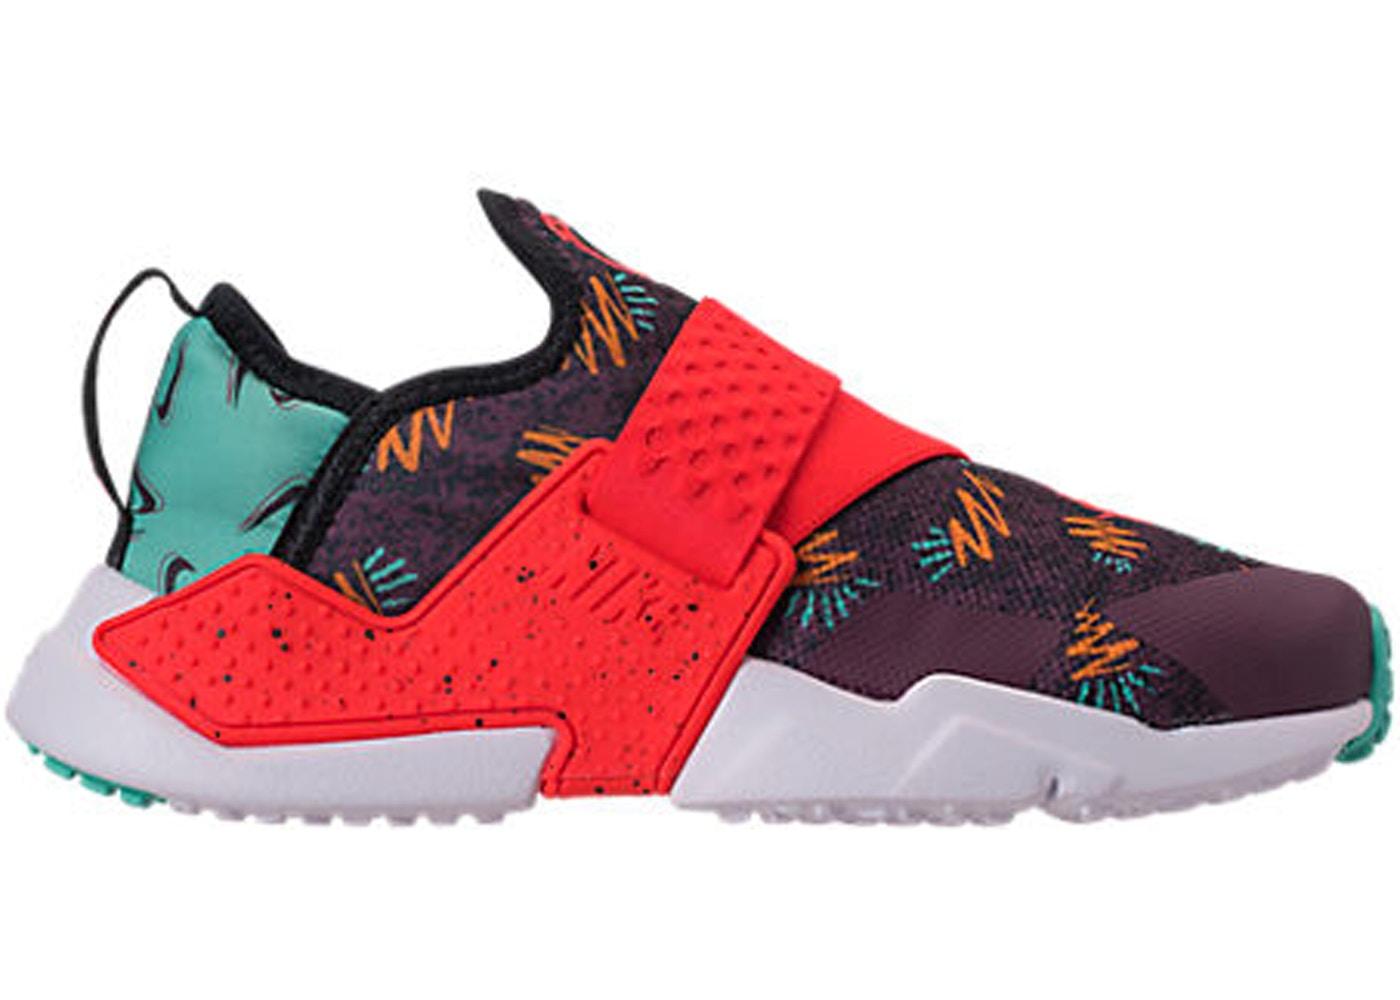 89e25d5ae0d4 Nike Huarache Extreme What The 90s (GS) - AR5587-600